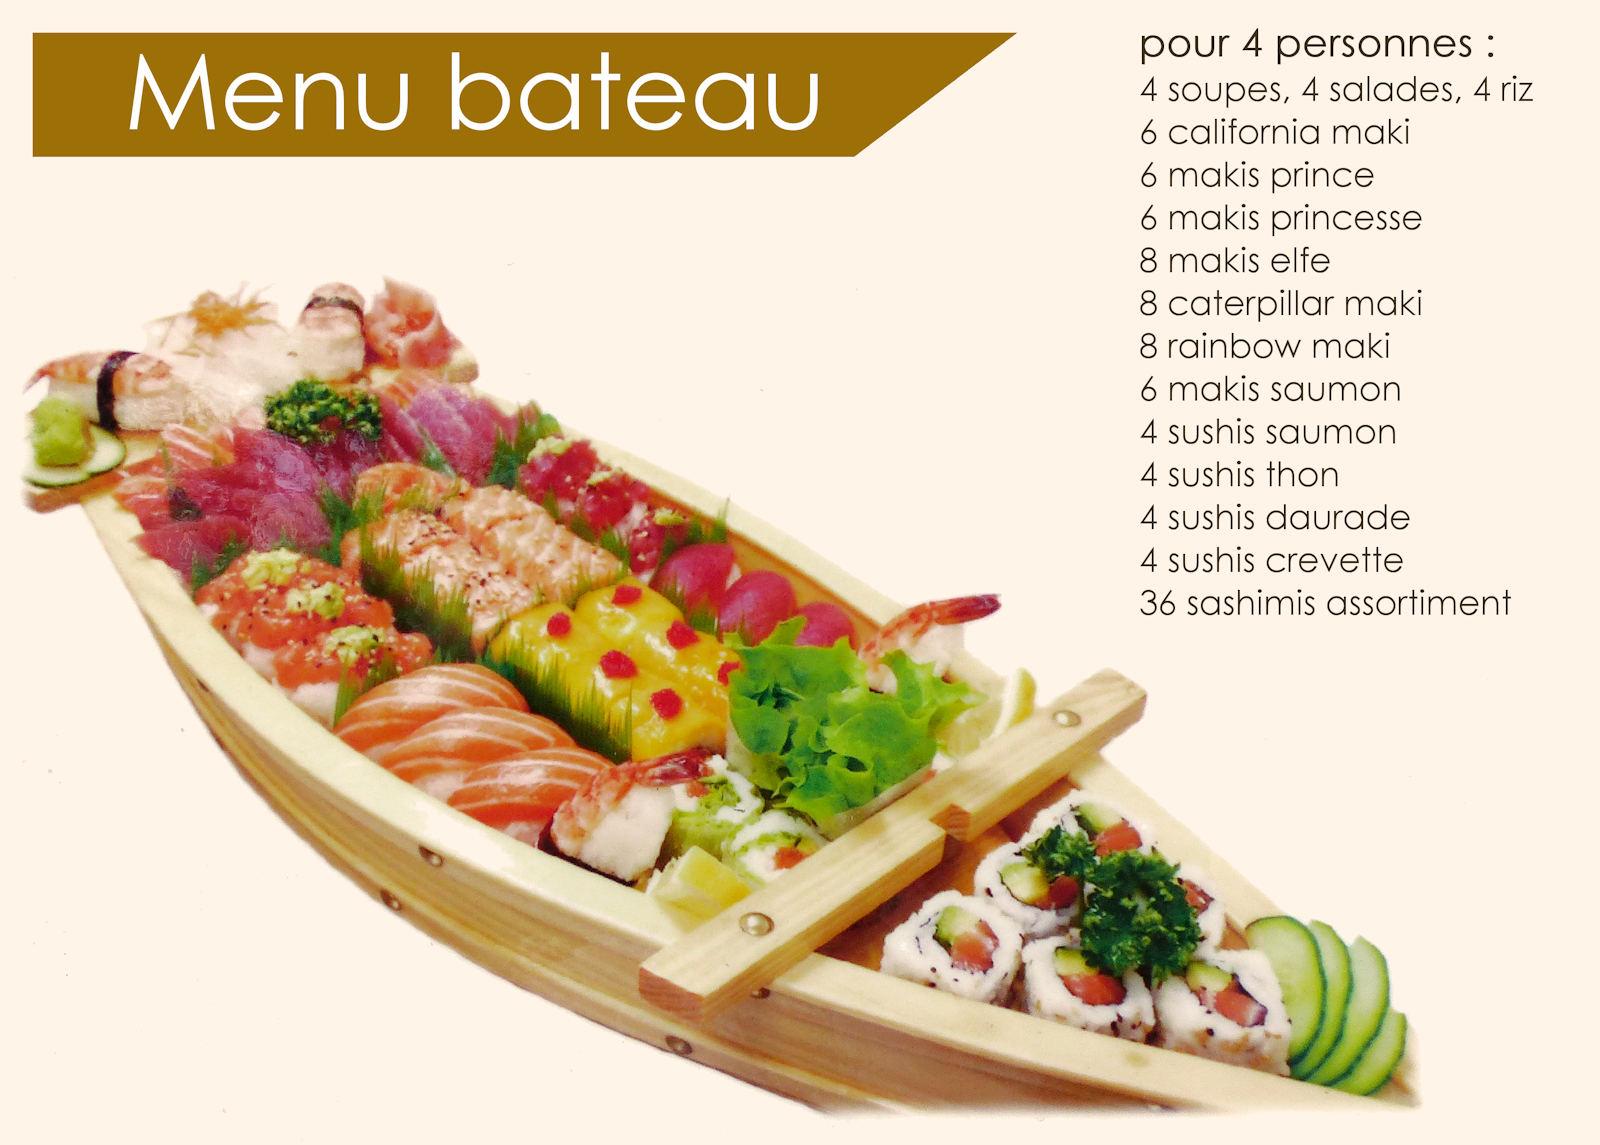 Restaurant Tourcoing J&J Sushi - Carte, menu Bateau.